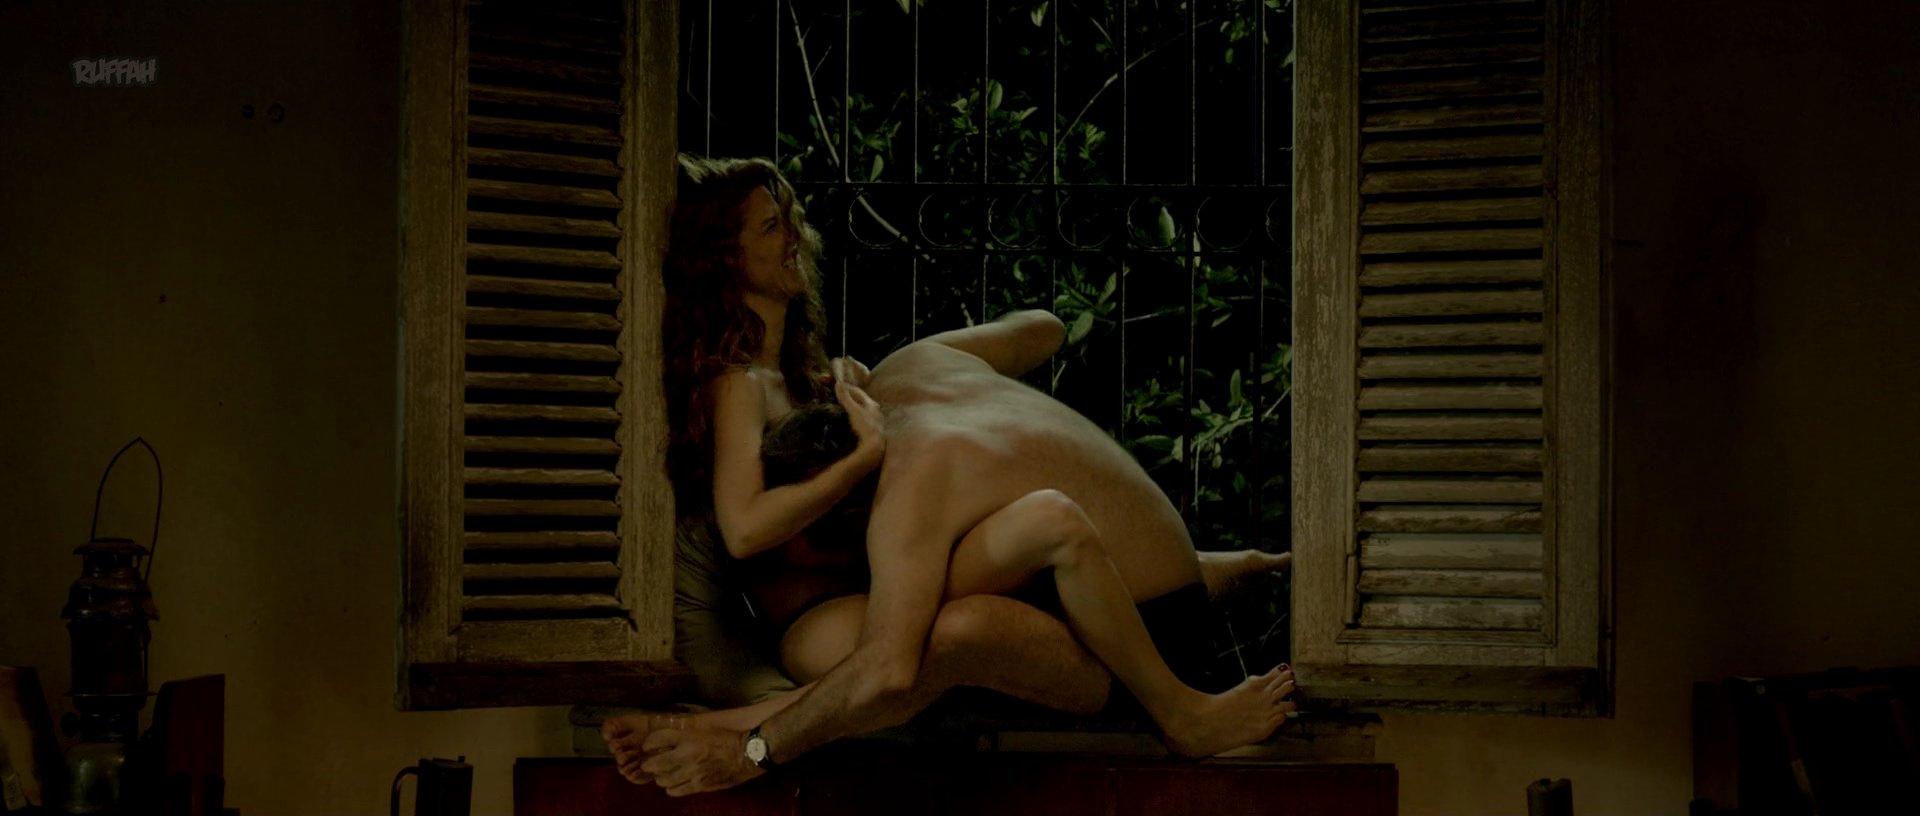 Juana Acosta nude - Cuatro Estaciones en La Habana s01e01 (2016)